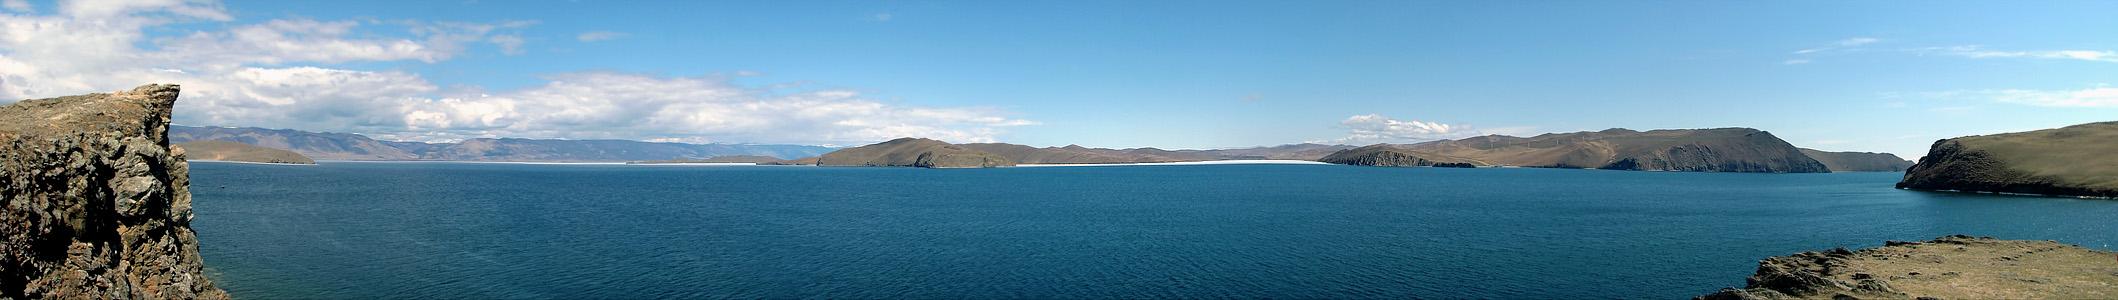 Baikalsee #5